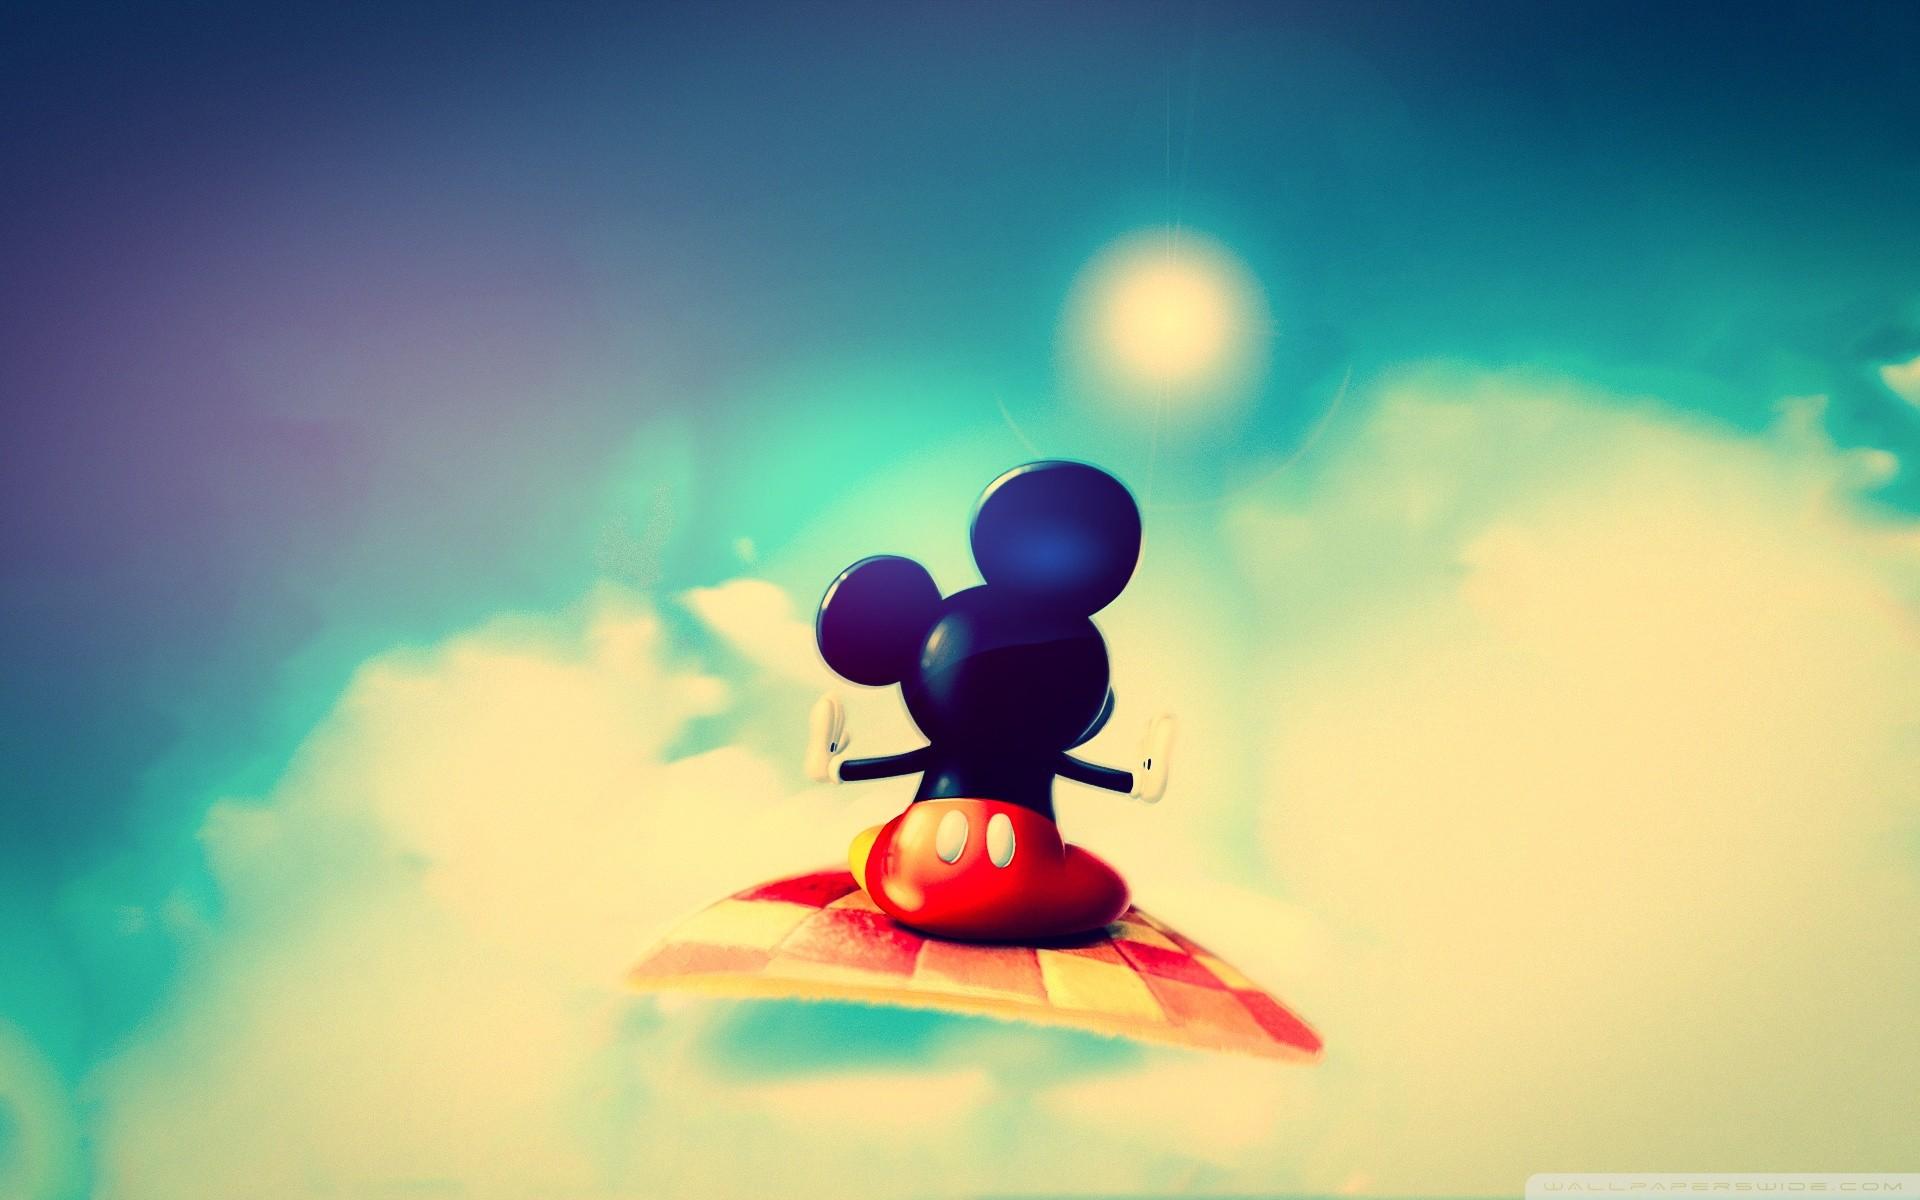 Cute Disney Screensavers wallpaper     #82872